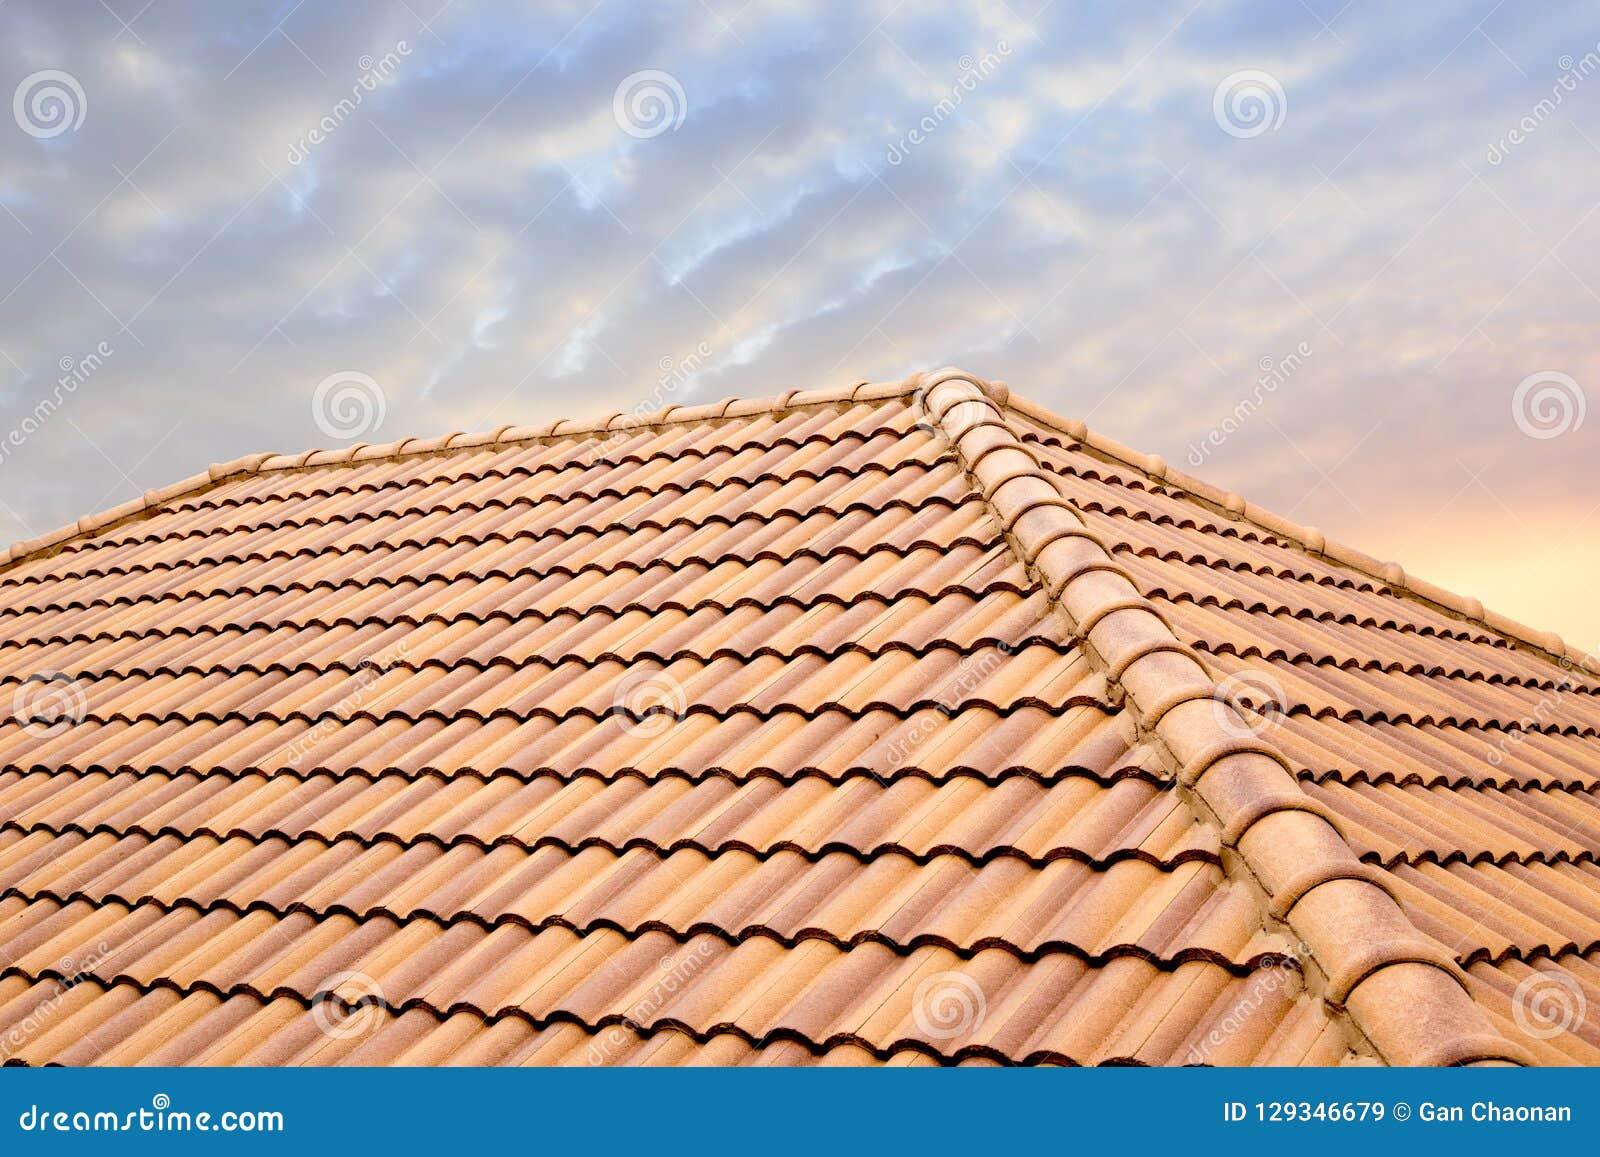 Van de daktegels en hemel zonlicht Het concept die van dakwerkcontractanten Huisdak installeren